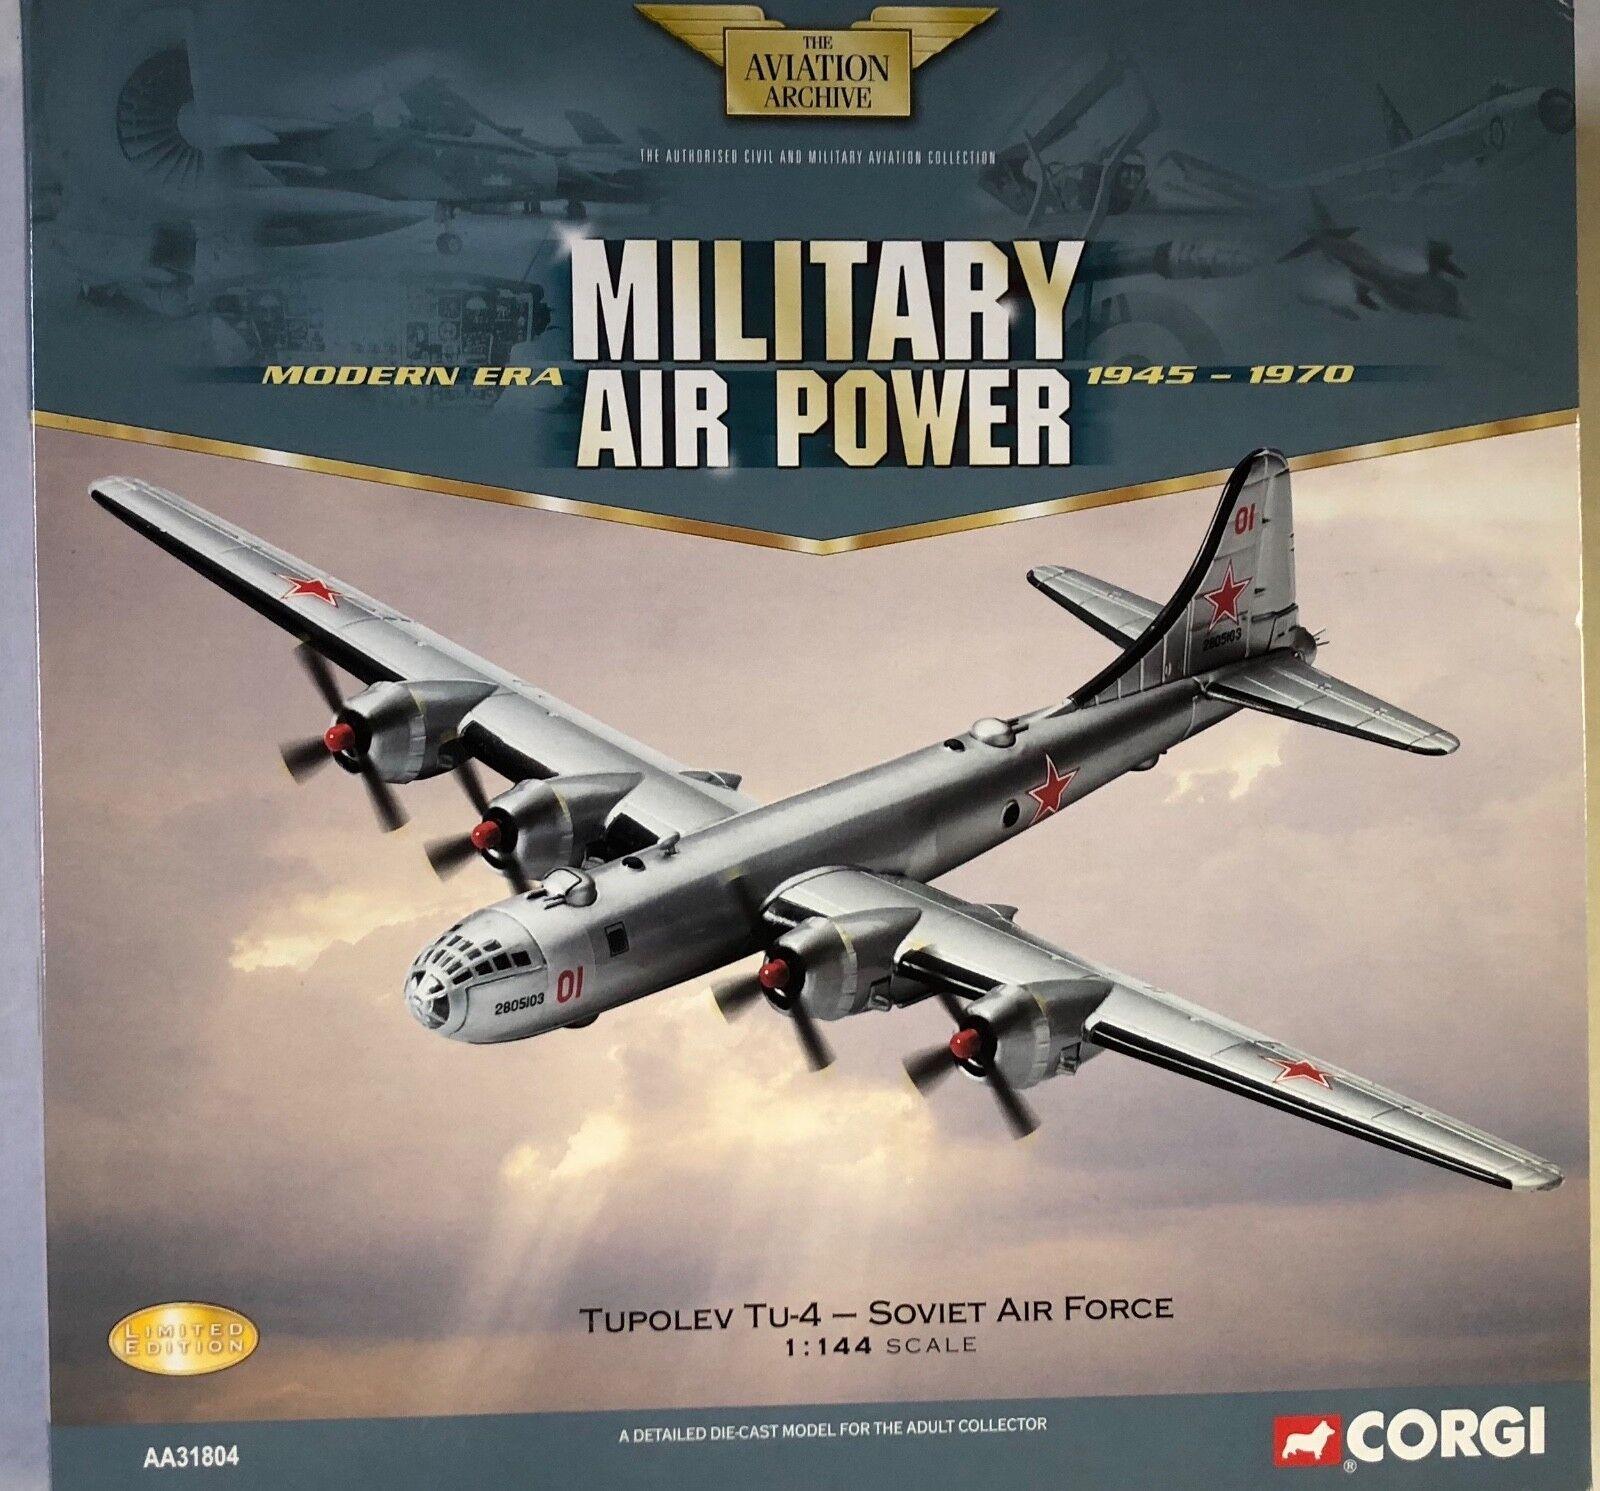 entrega rápida Corgi Military Air Power Tupolev Tu-4 de la Fuerza Fuerza Fuerza Aérea Soviética (B-29) 1 144  tomamos a los clientes como nuestro dios